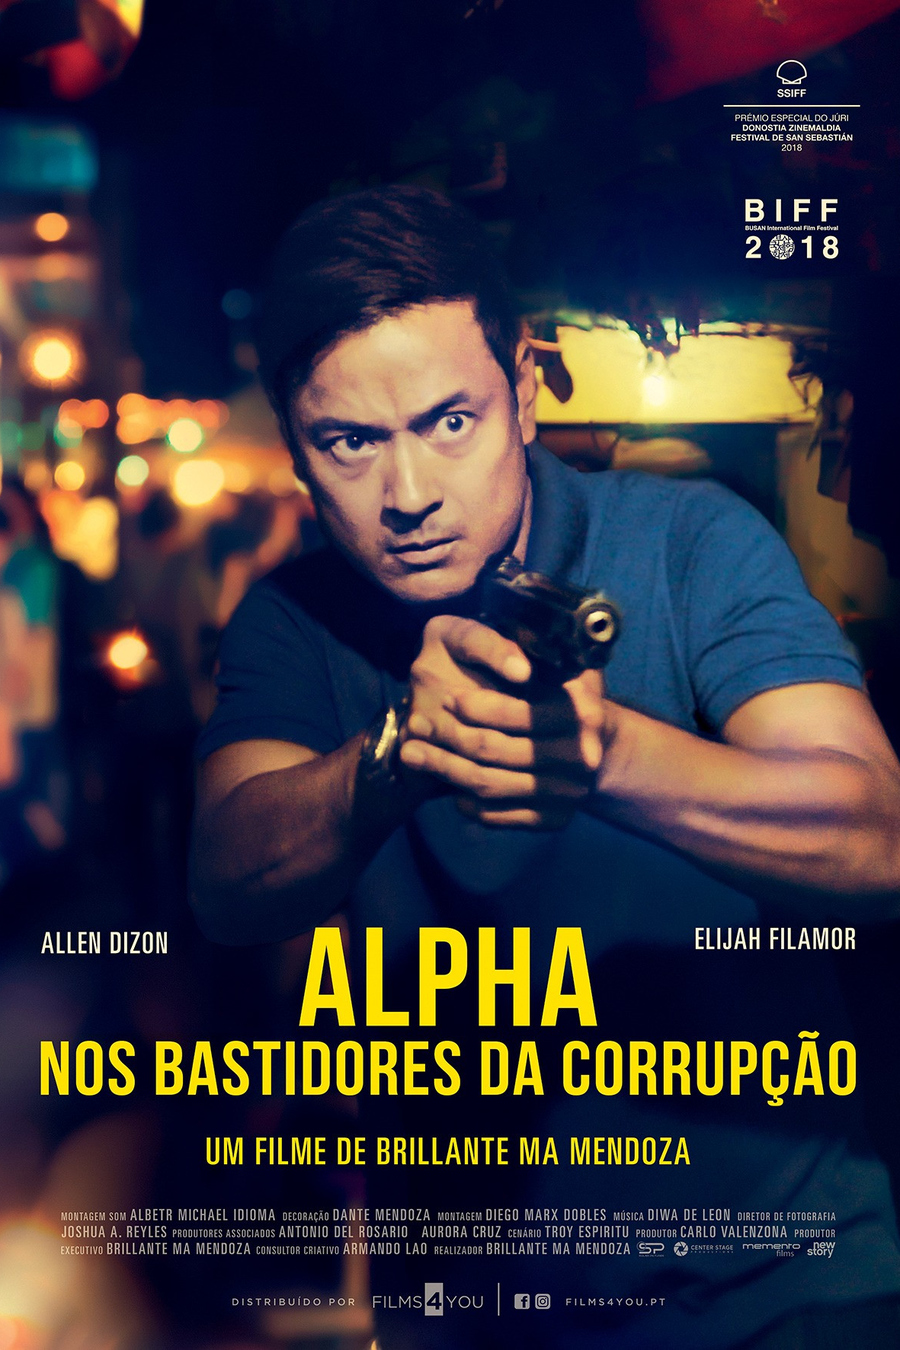 Alpha: Nos Bastidores da Corupção